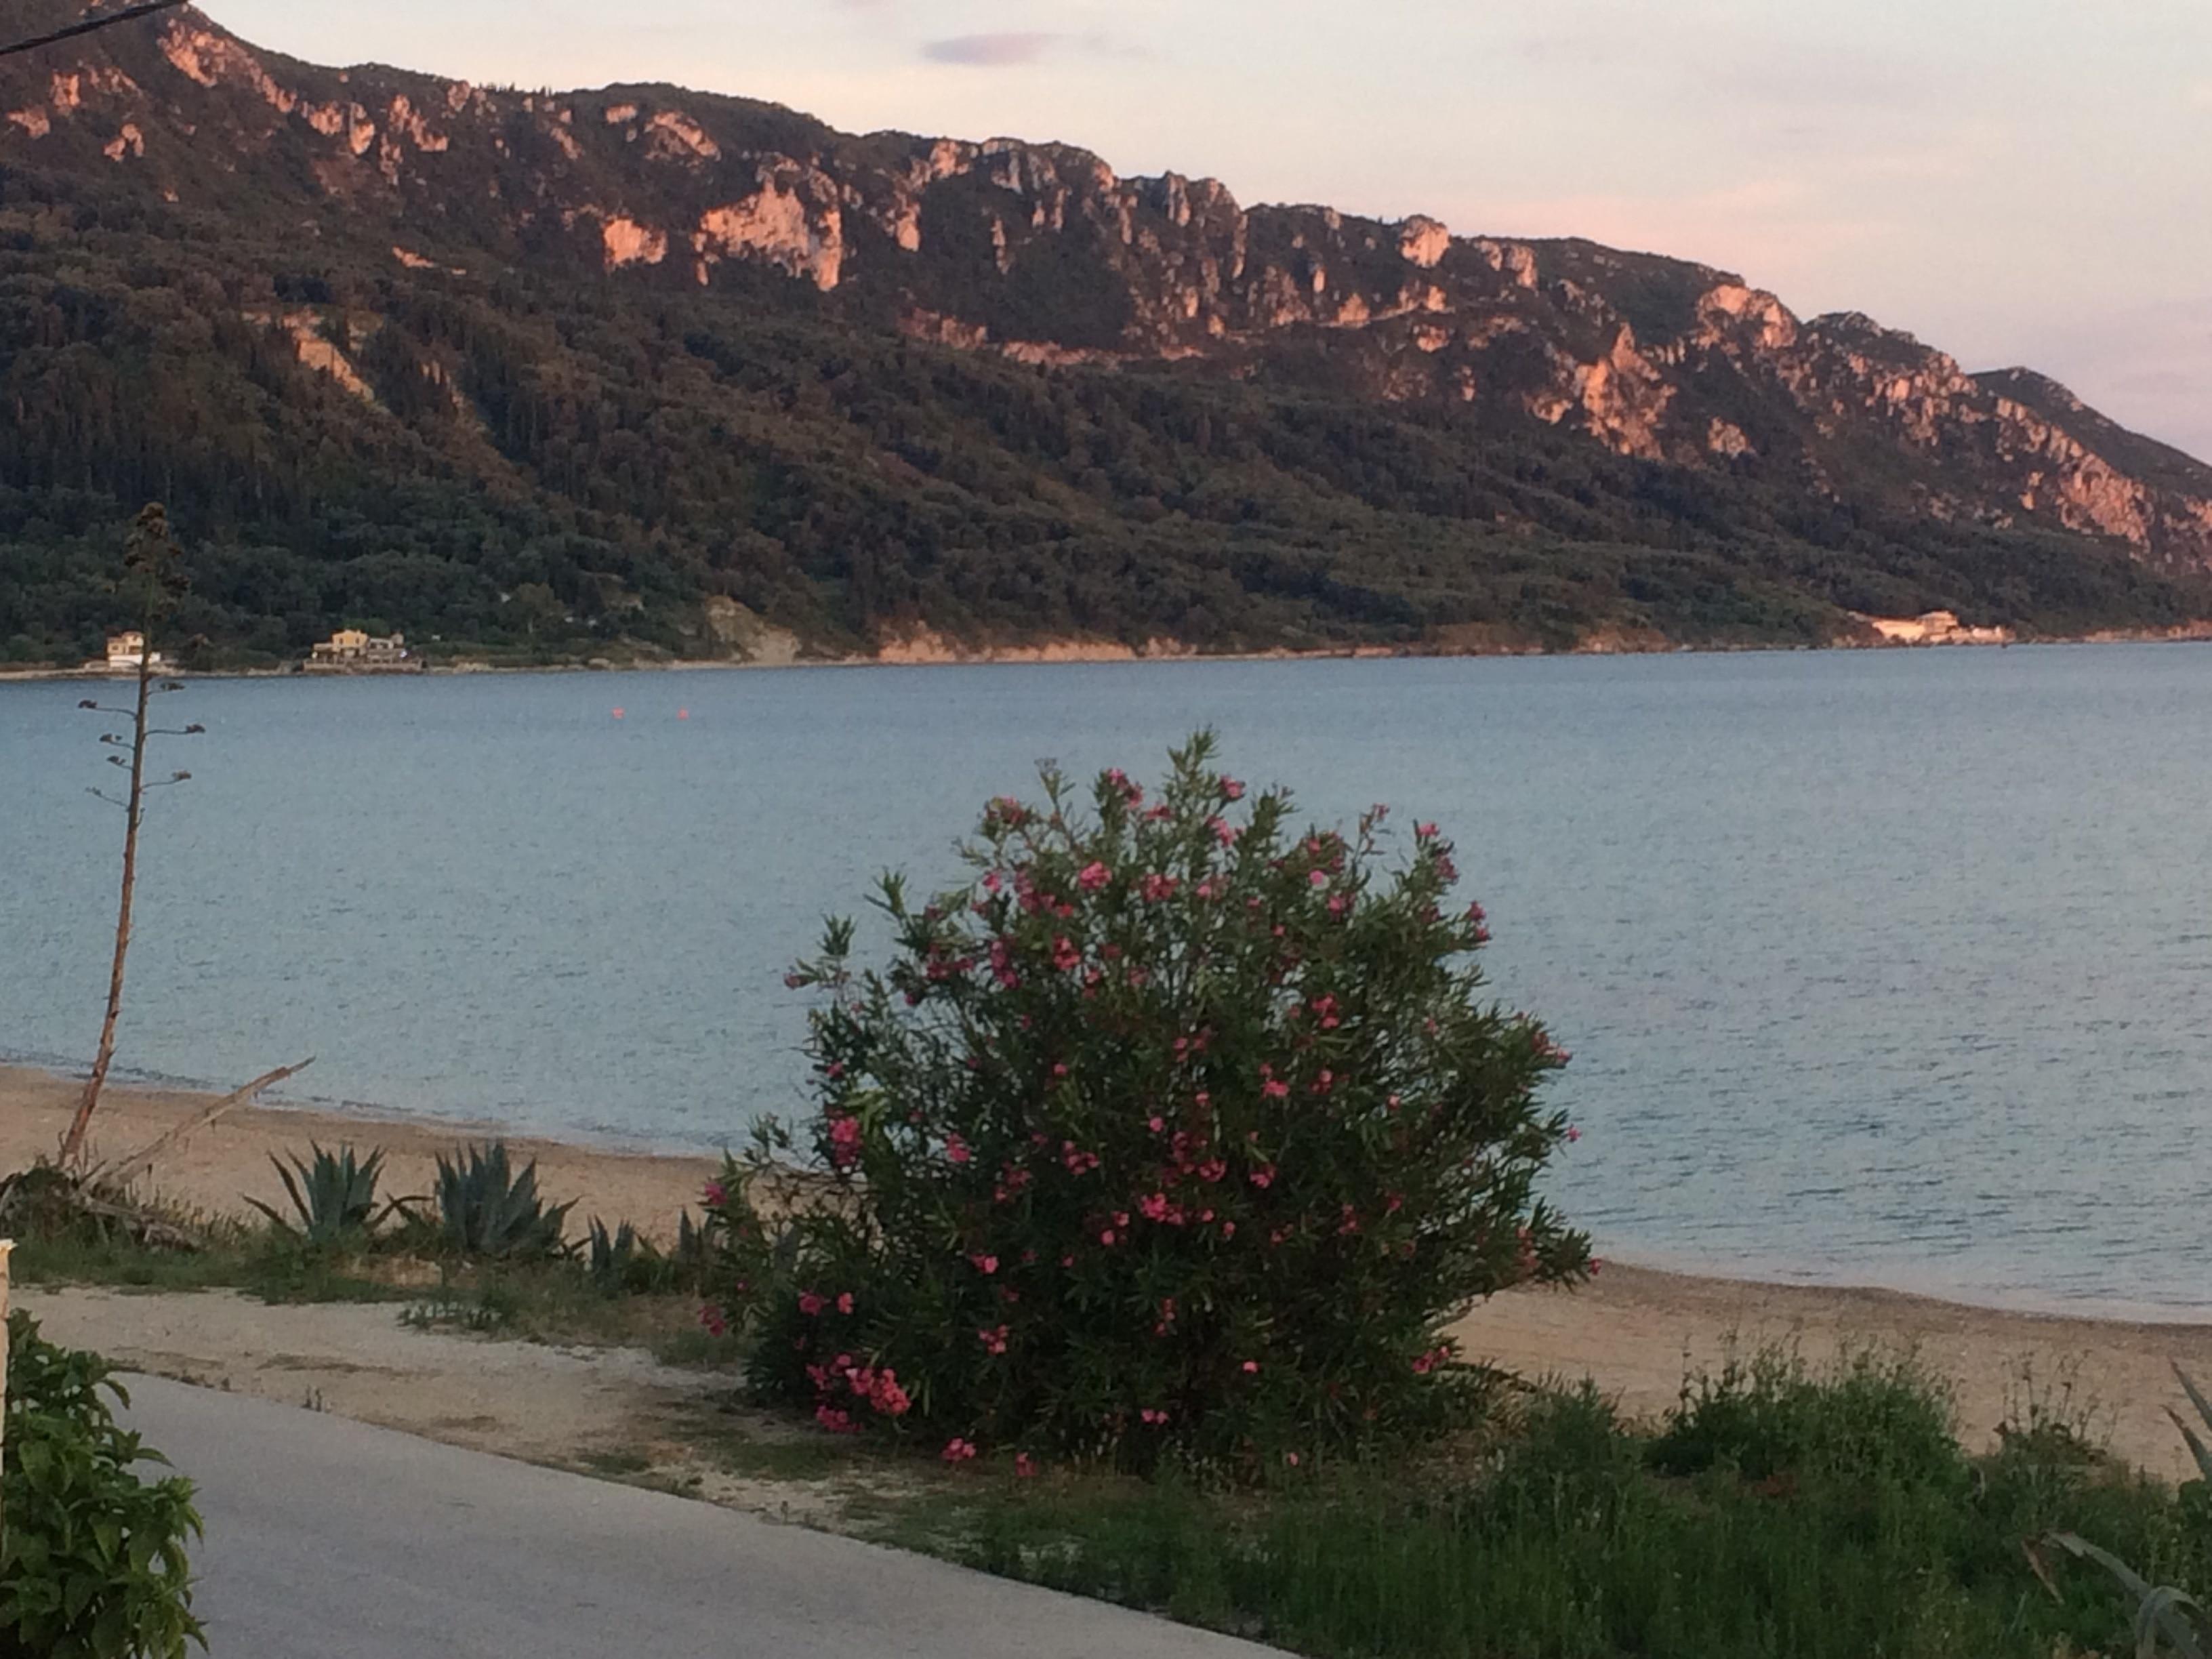 Aghios Georgios Beach, Corfu, Ionian Islands Region, Greece